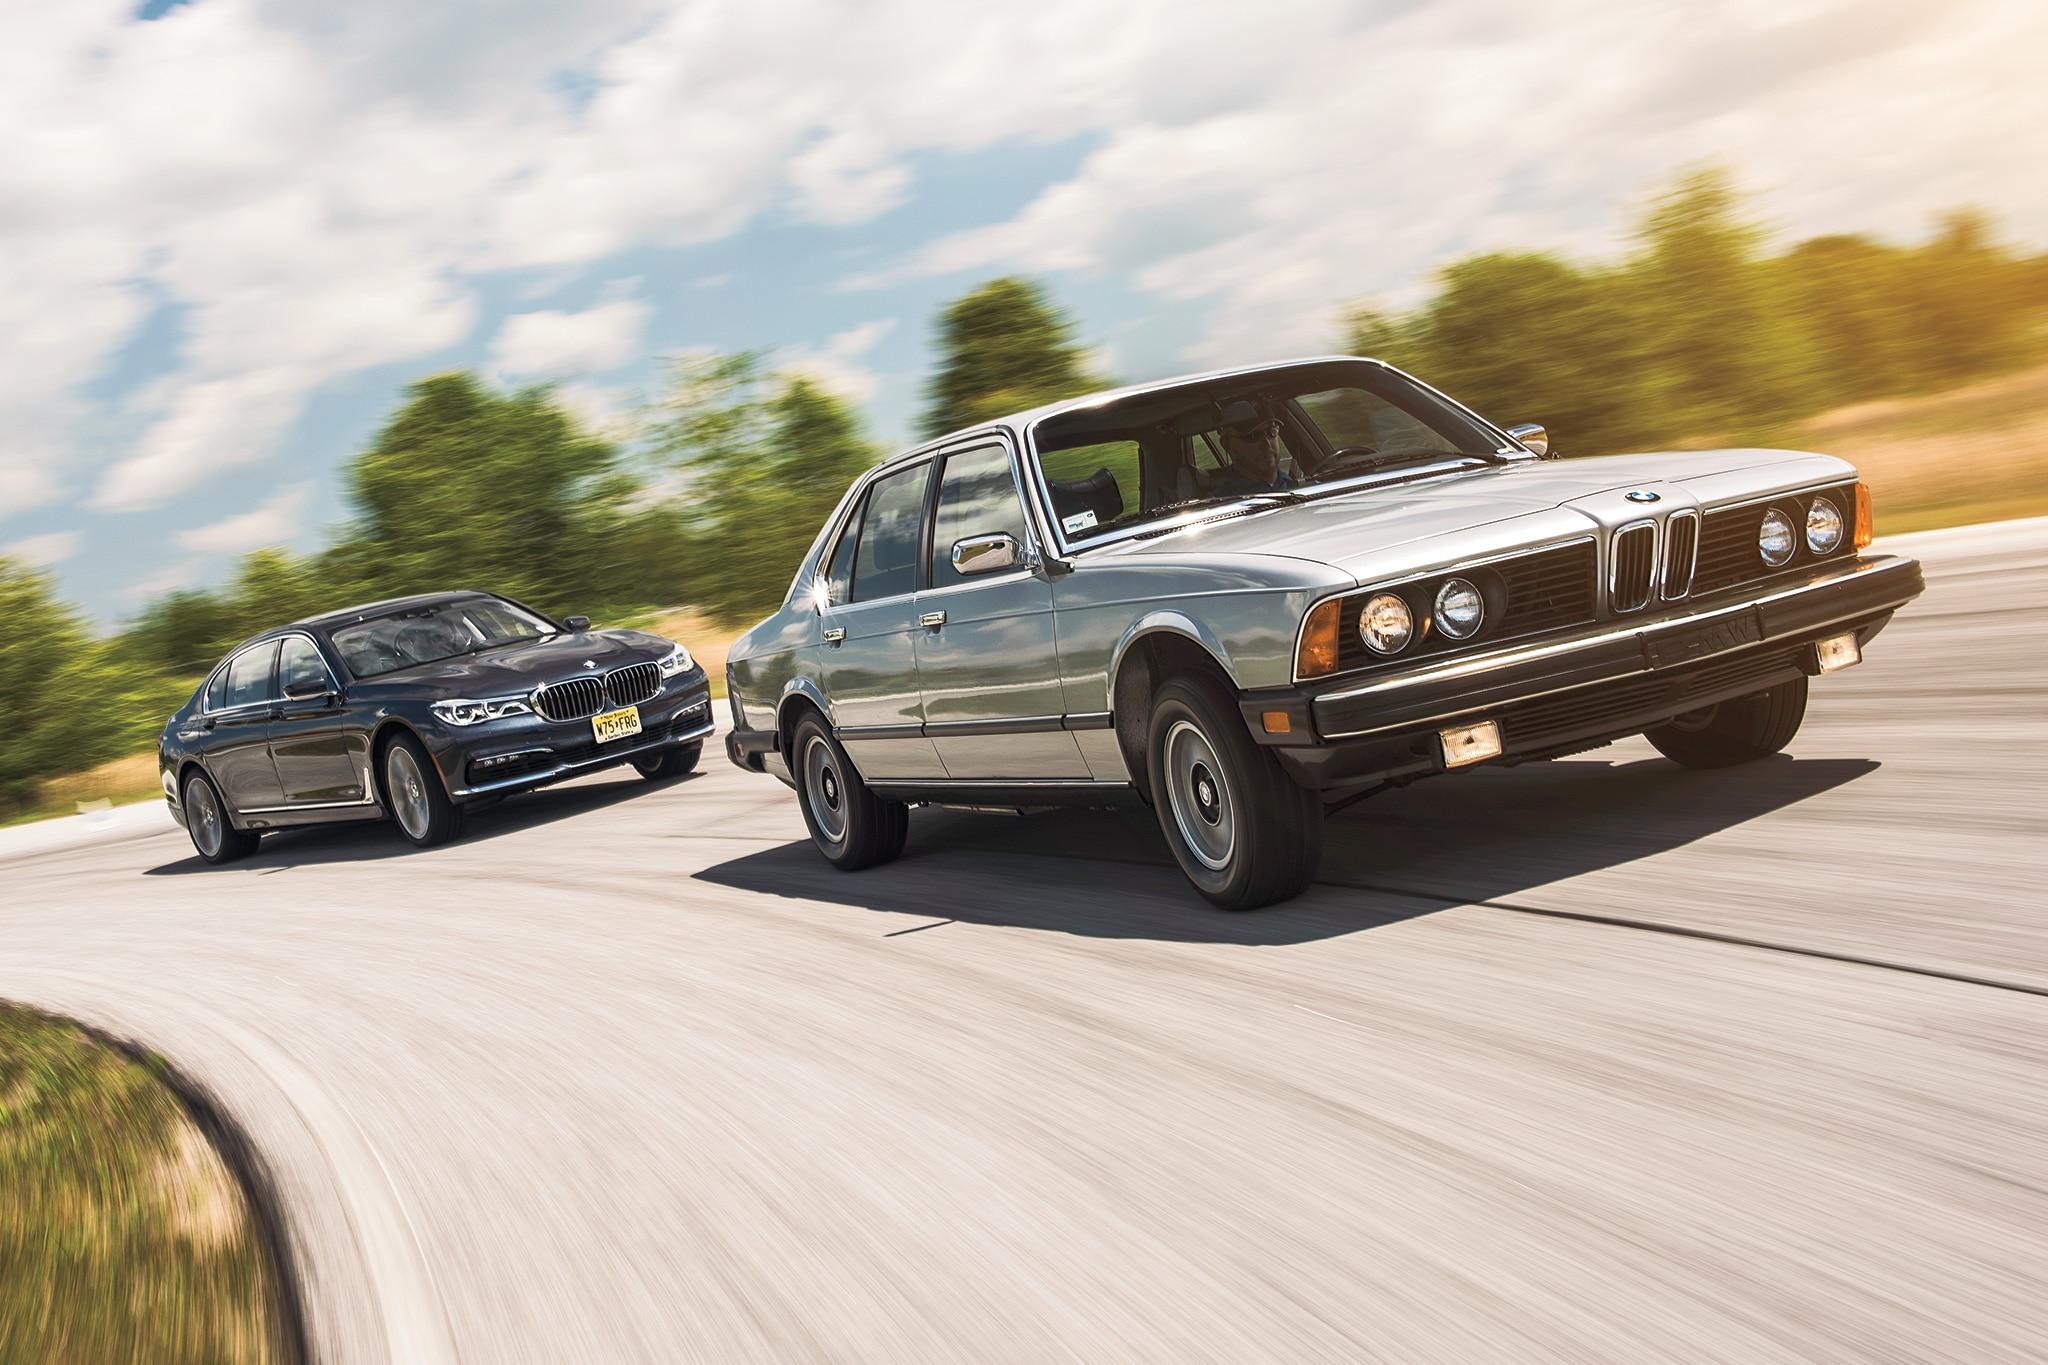 1978 BMW 733i Vs 2016 BMW 750i XDrive 02